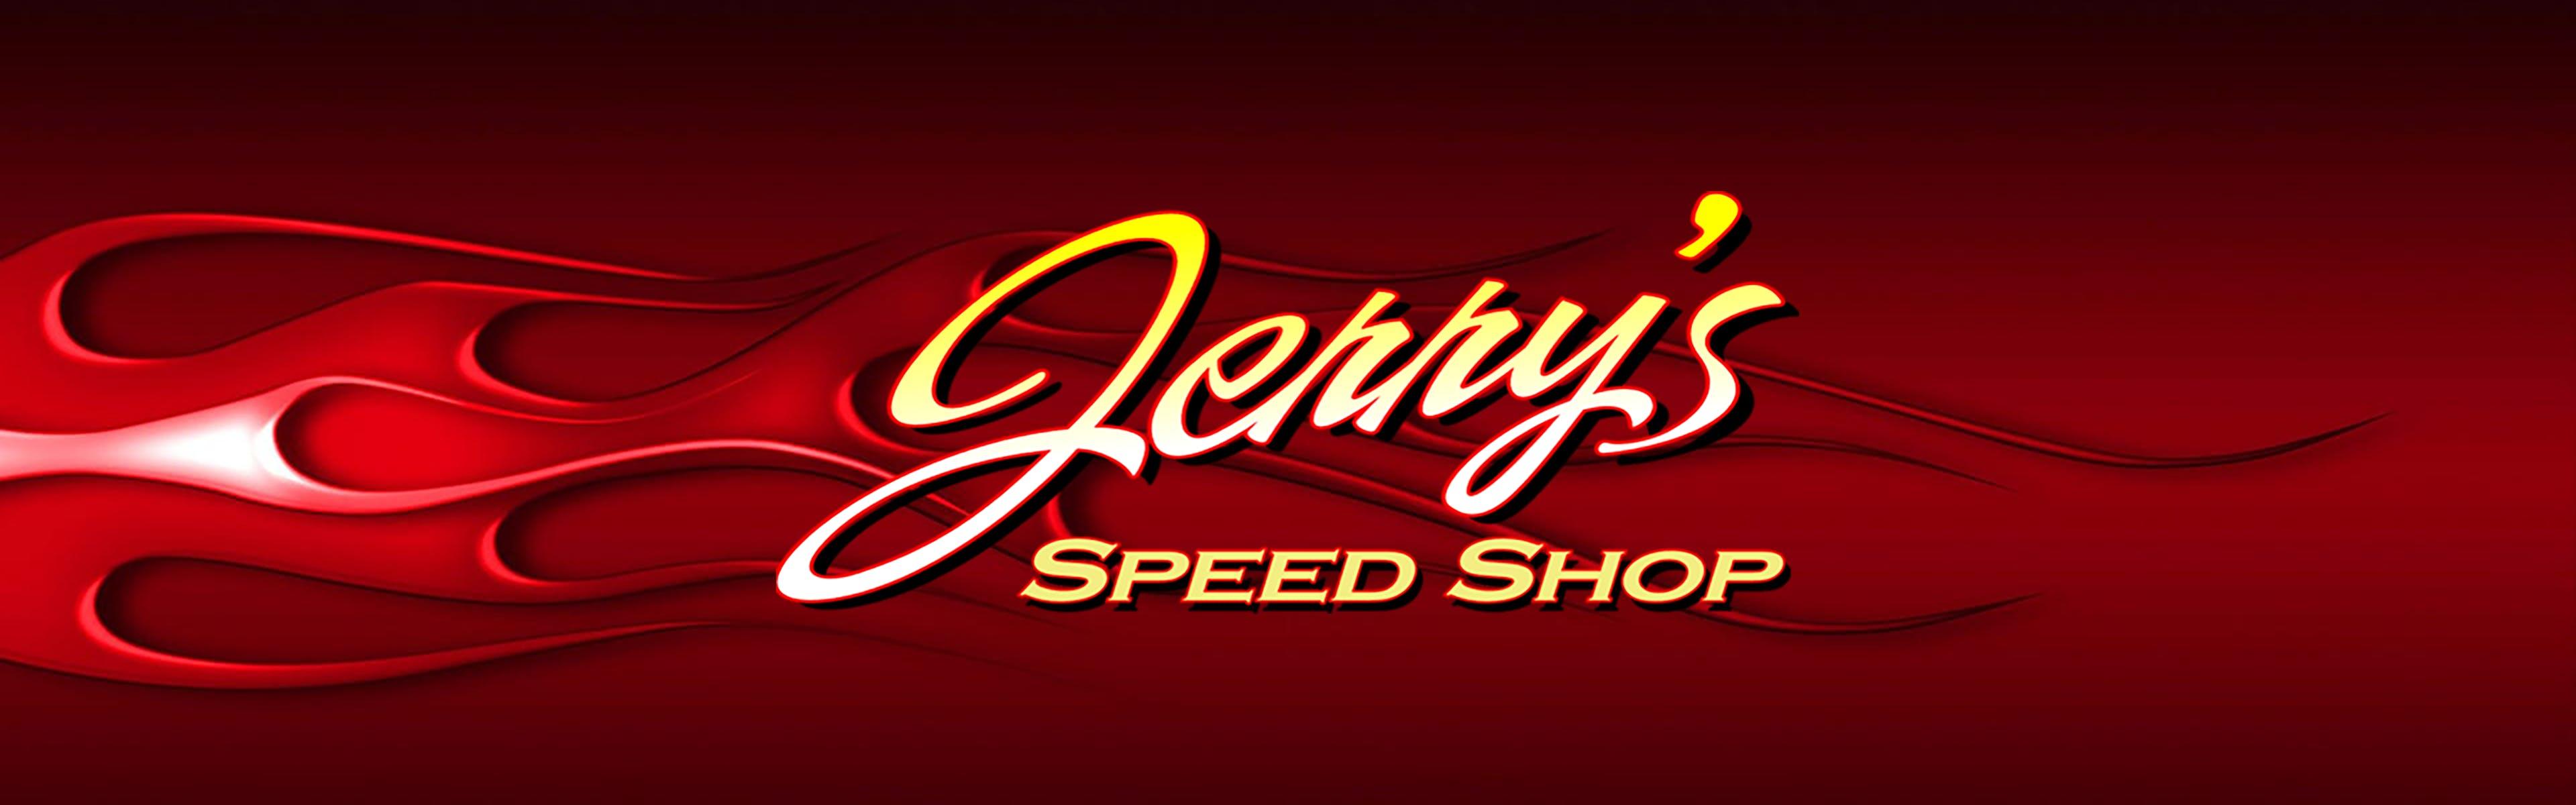 Jerrys Speed Shop